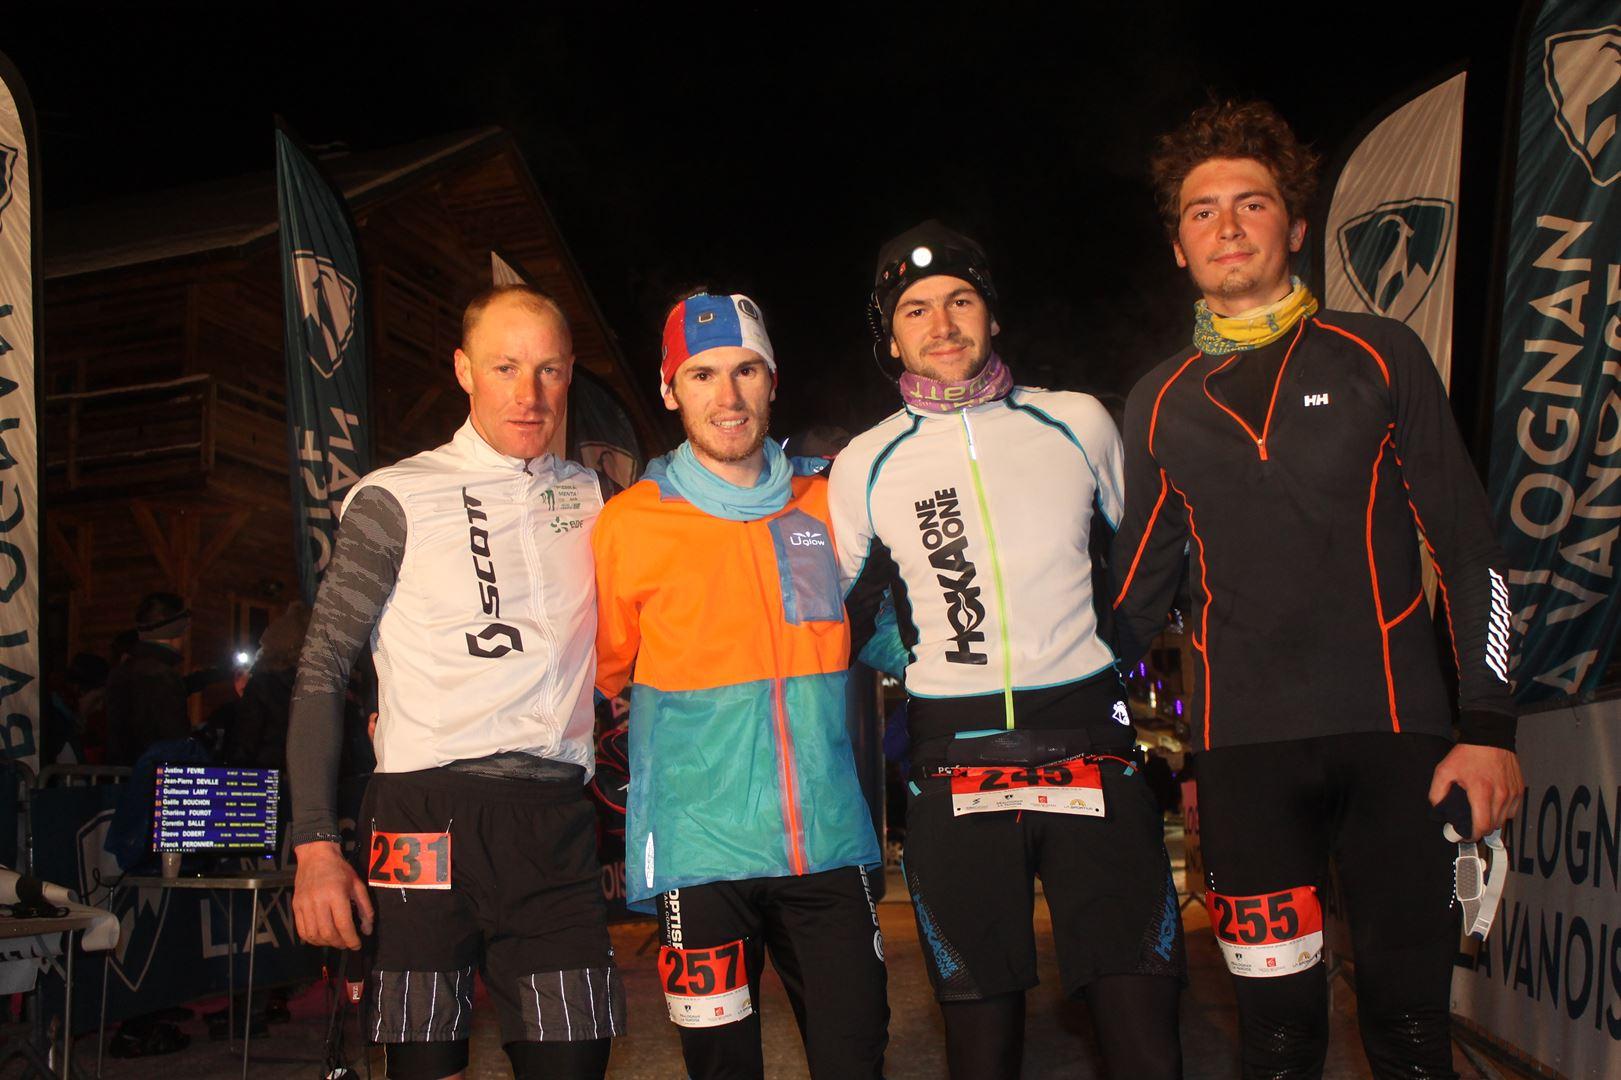 le quatuor gagnant du 16km - RESULTATS, COMMENTAIRES, PHOTOS DU TRAIL DE L'INUIT - PRALOGNAN LA VANOISE 73 - 21-01-2017